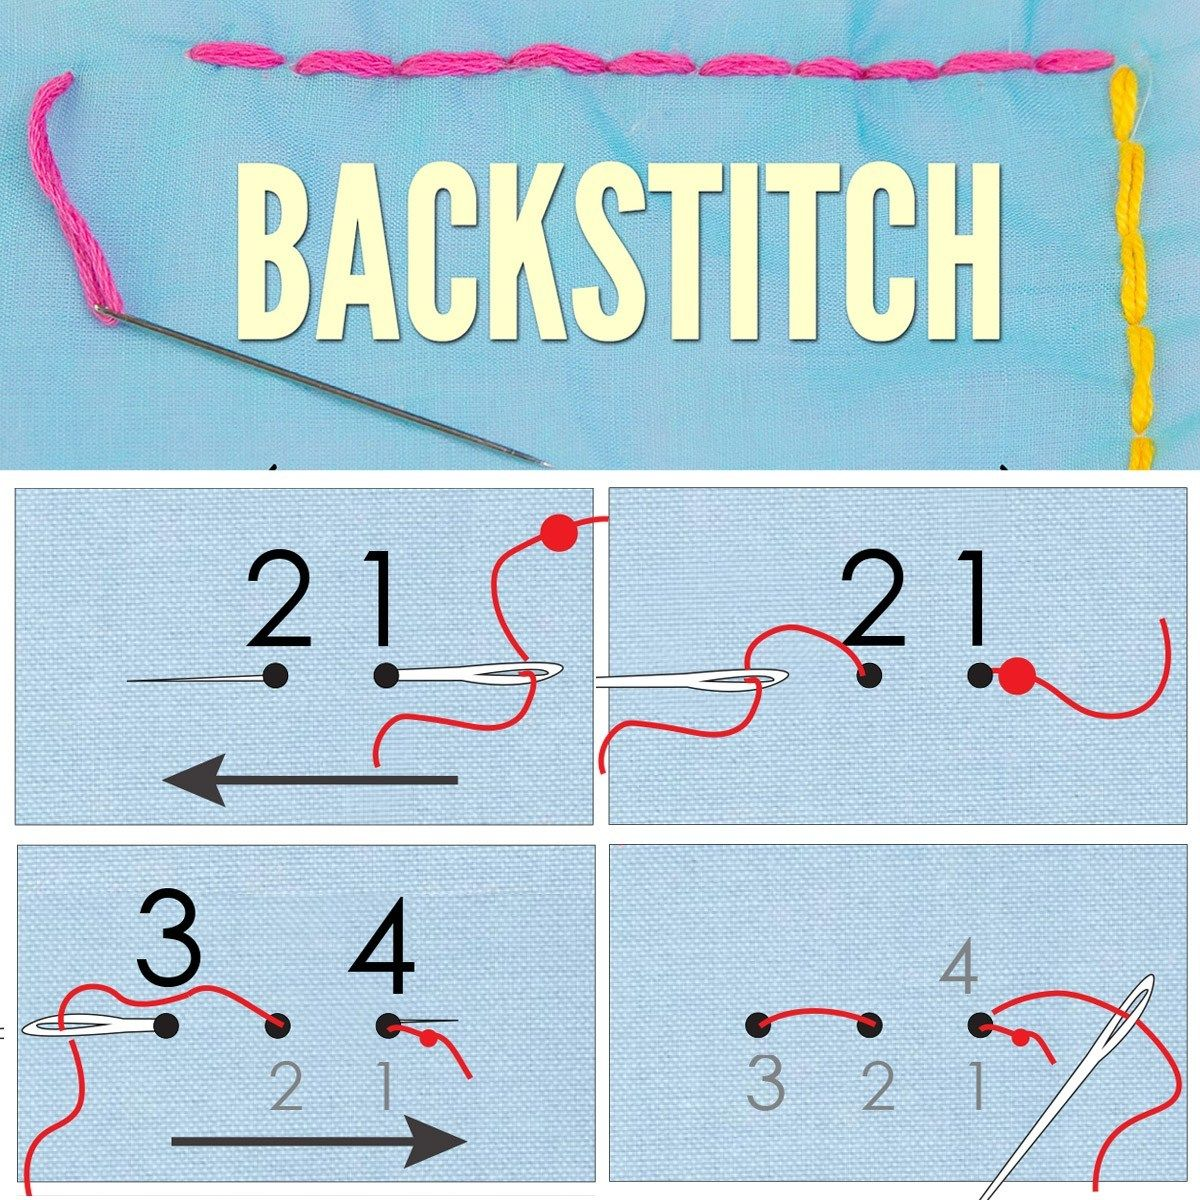 Backstitch How To Backstitch Step By Step Treasurie Primitive Stitchery Primitive Embroidery Stitchery